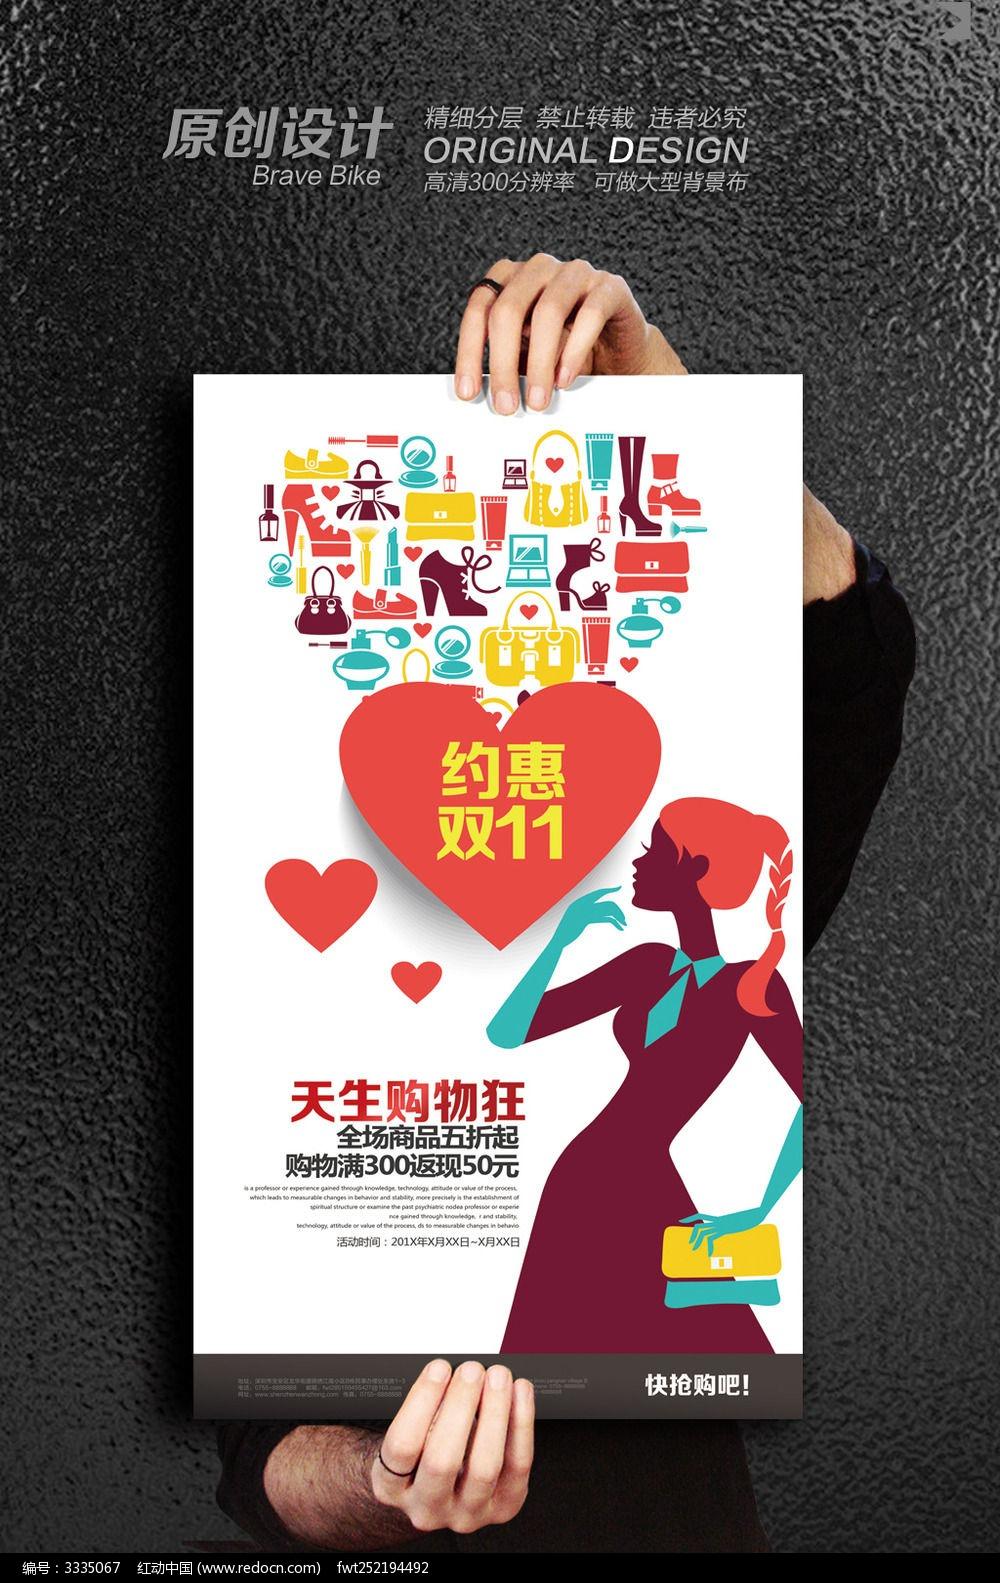 标签:双11 双11促销海报 购物活动 双11海报 双11来了 双11促销 双十